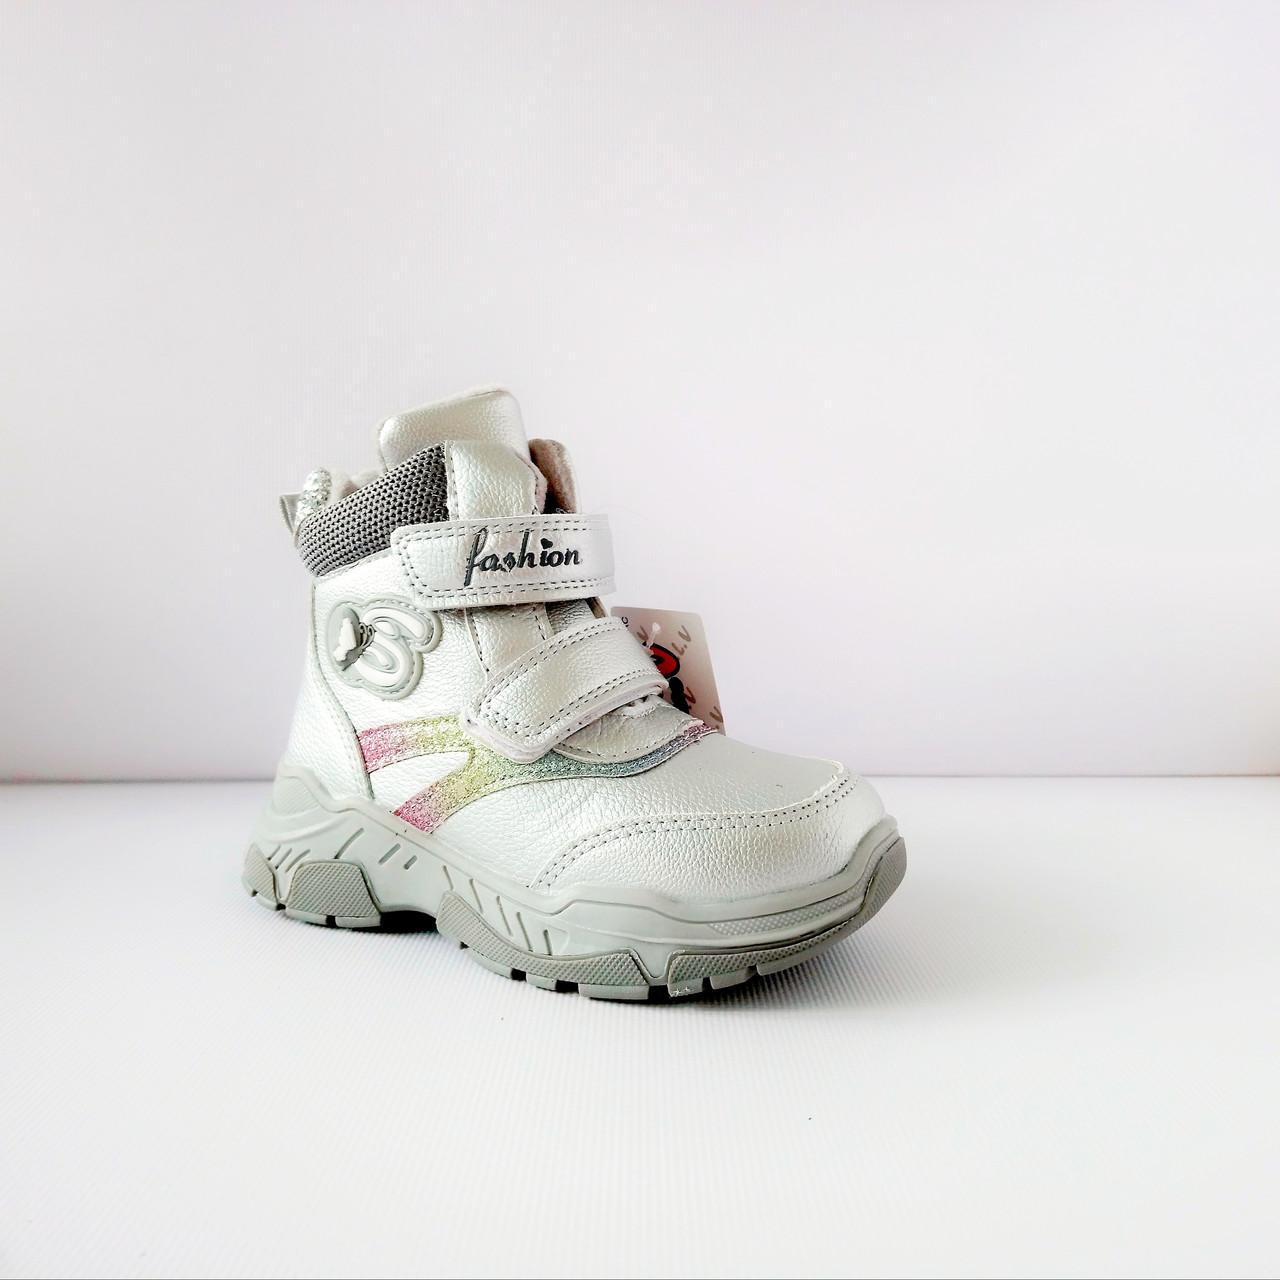 Теплые осенние сапоги-ботинки девочкам, р. 30, стелька 19 см